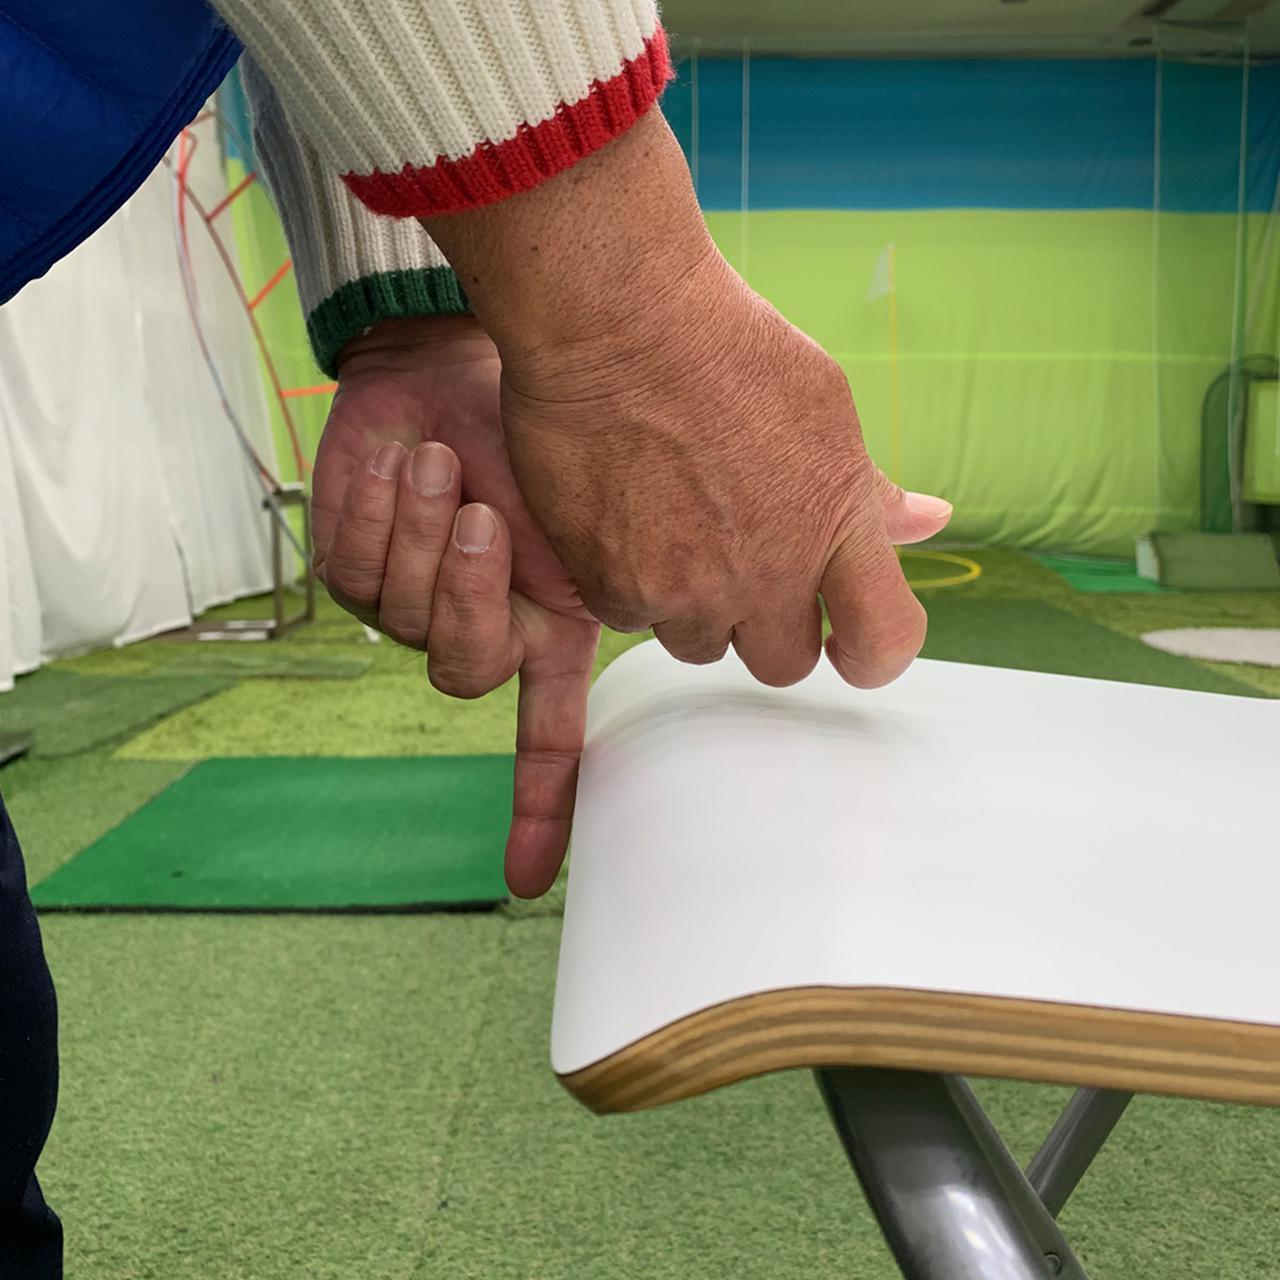 画像: 左人差し指を伸ばし、イスやテーブルを擦るようにスウィングするといい